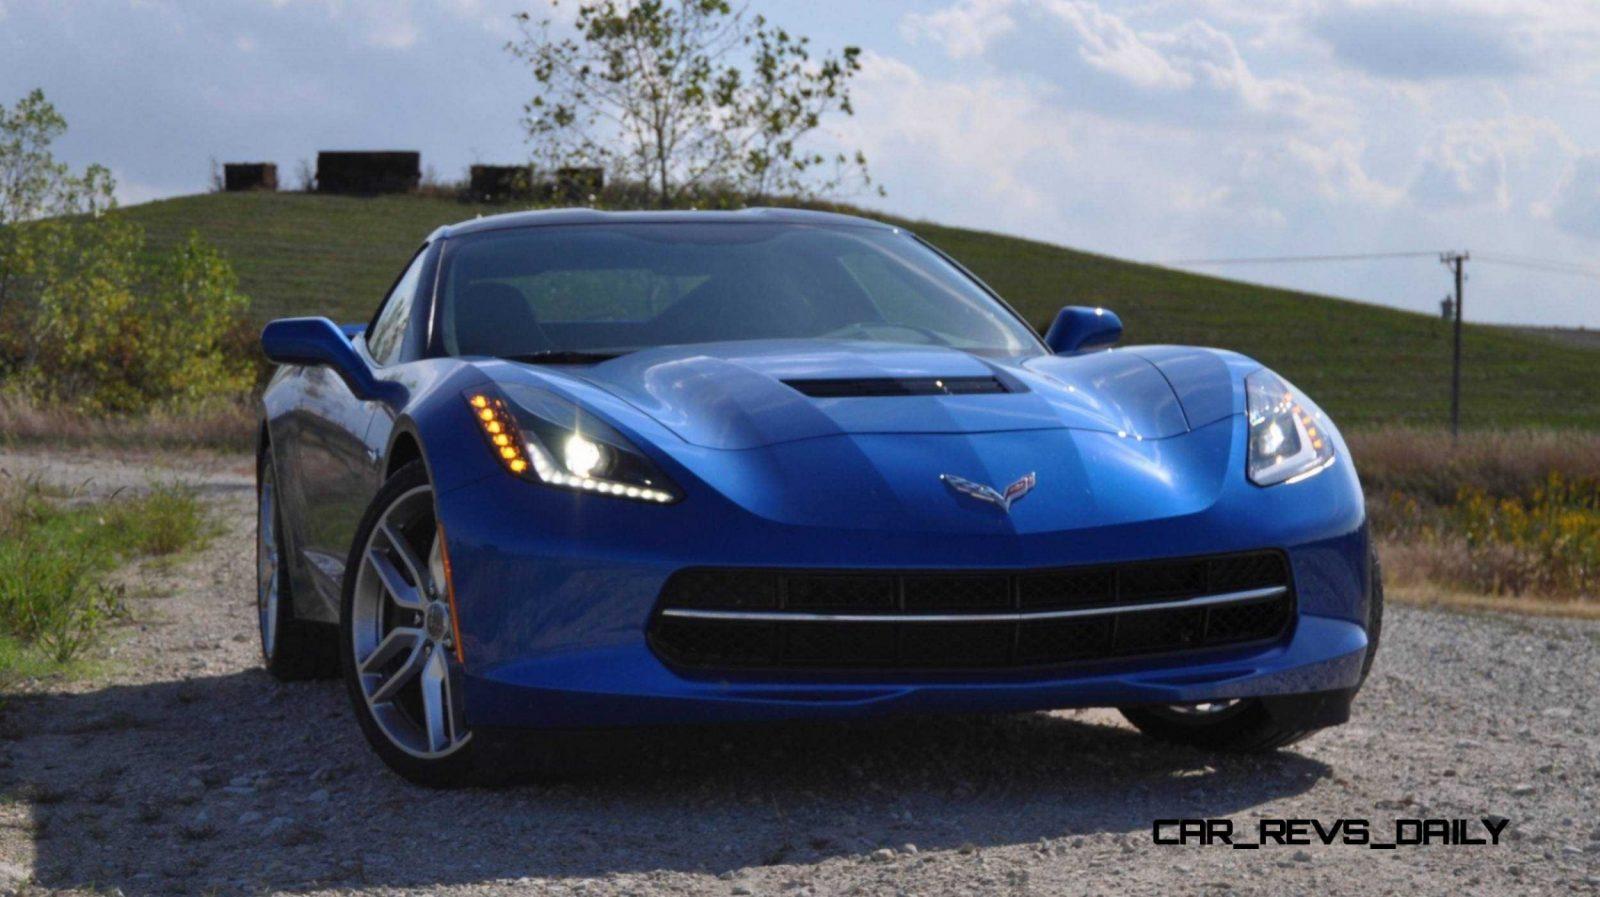 2014 Chevrolet Corvette Stingray Z51 in 102 Photos72